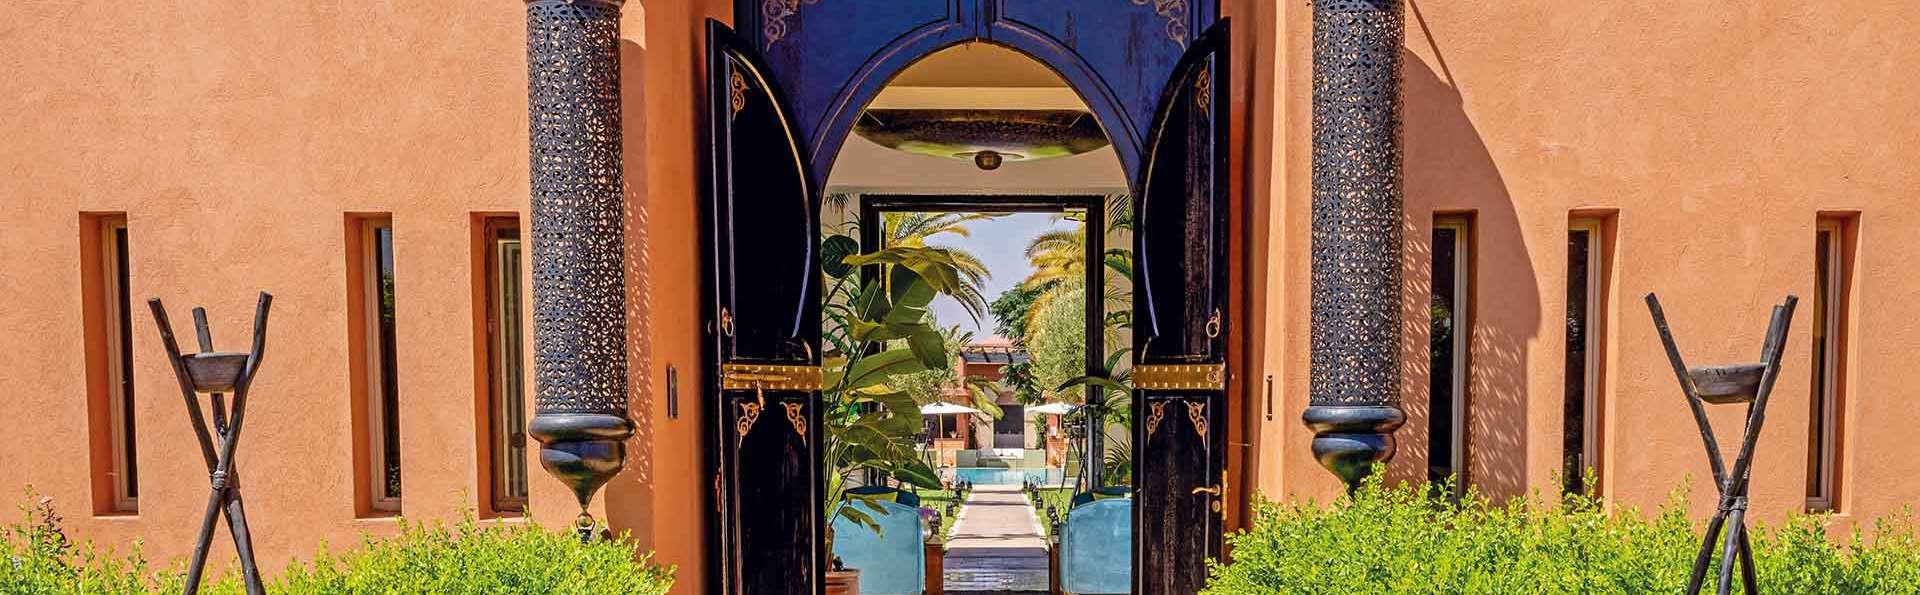 Domaine des Remparts - EDIT_hotel_marrakech_01.jpg